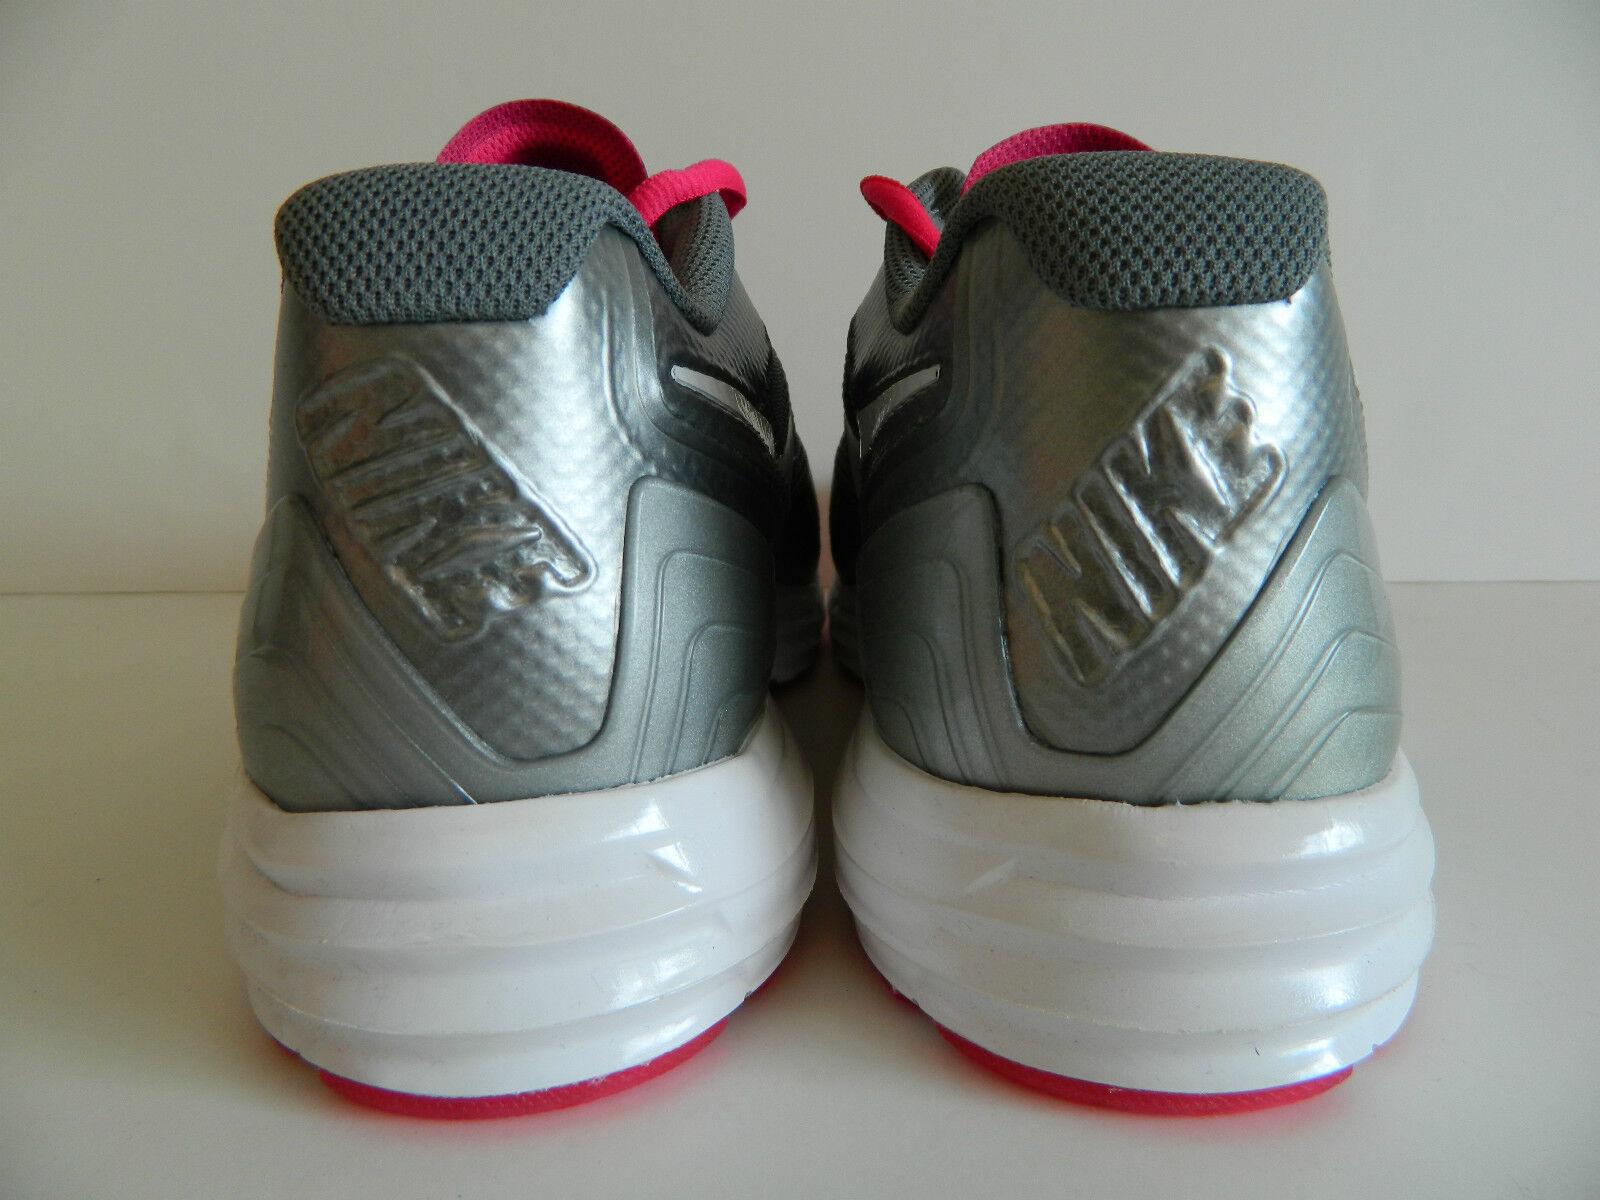 nike lunar tr1 / grau / 529169 weiß blühende rosa cool< 529169 / 026 > 2f02f4